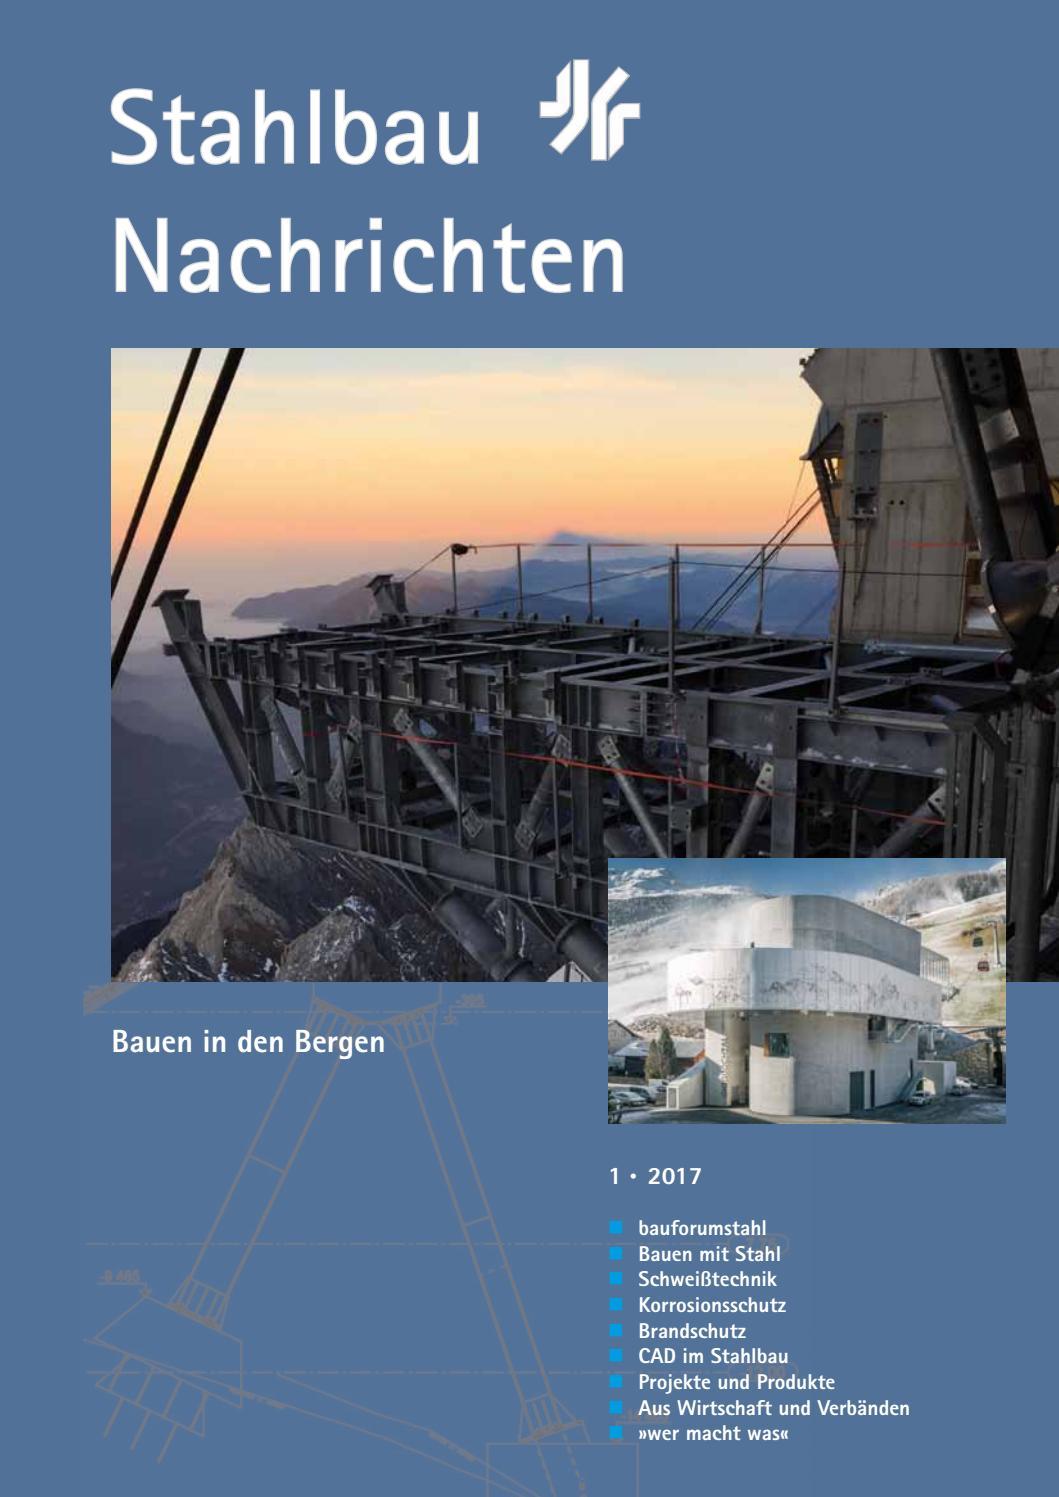 Stahlbau Nachrichten 1/2017 by Verlagsgruppe Wiederspahn - issuu